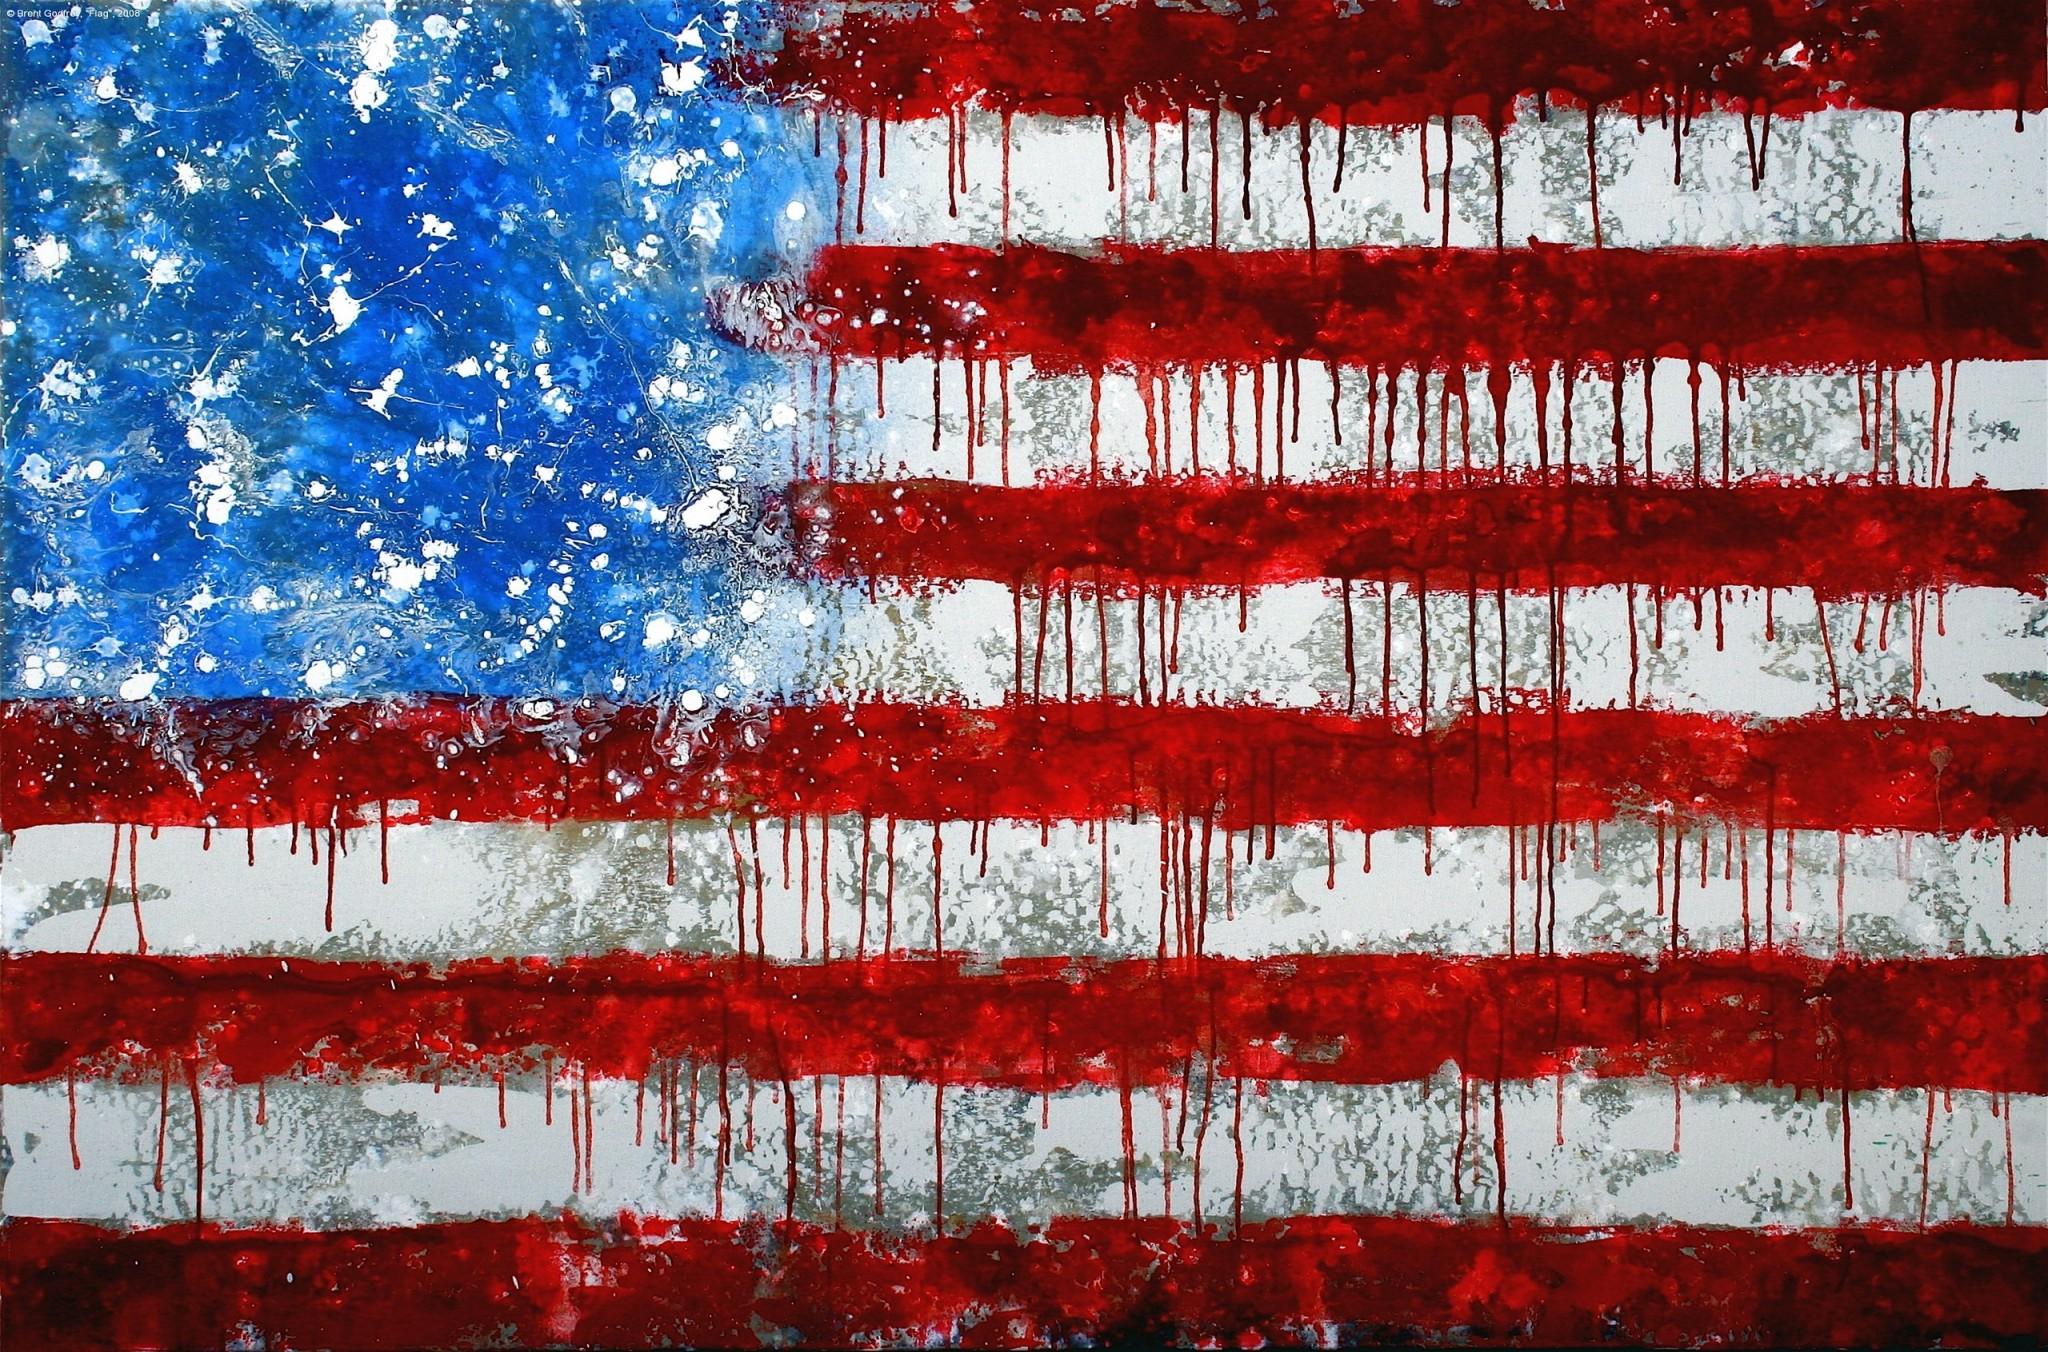 american flag free desktop wallpaper, Newt Kingsman 2016-12-06    ololoshenka   Pinterest   American flag wallpaper and Free desktop wallpaper